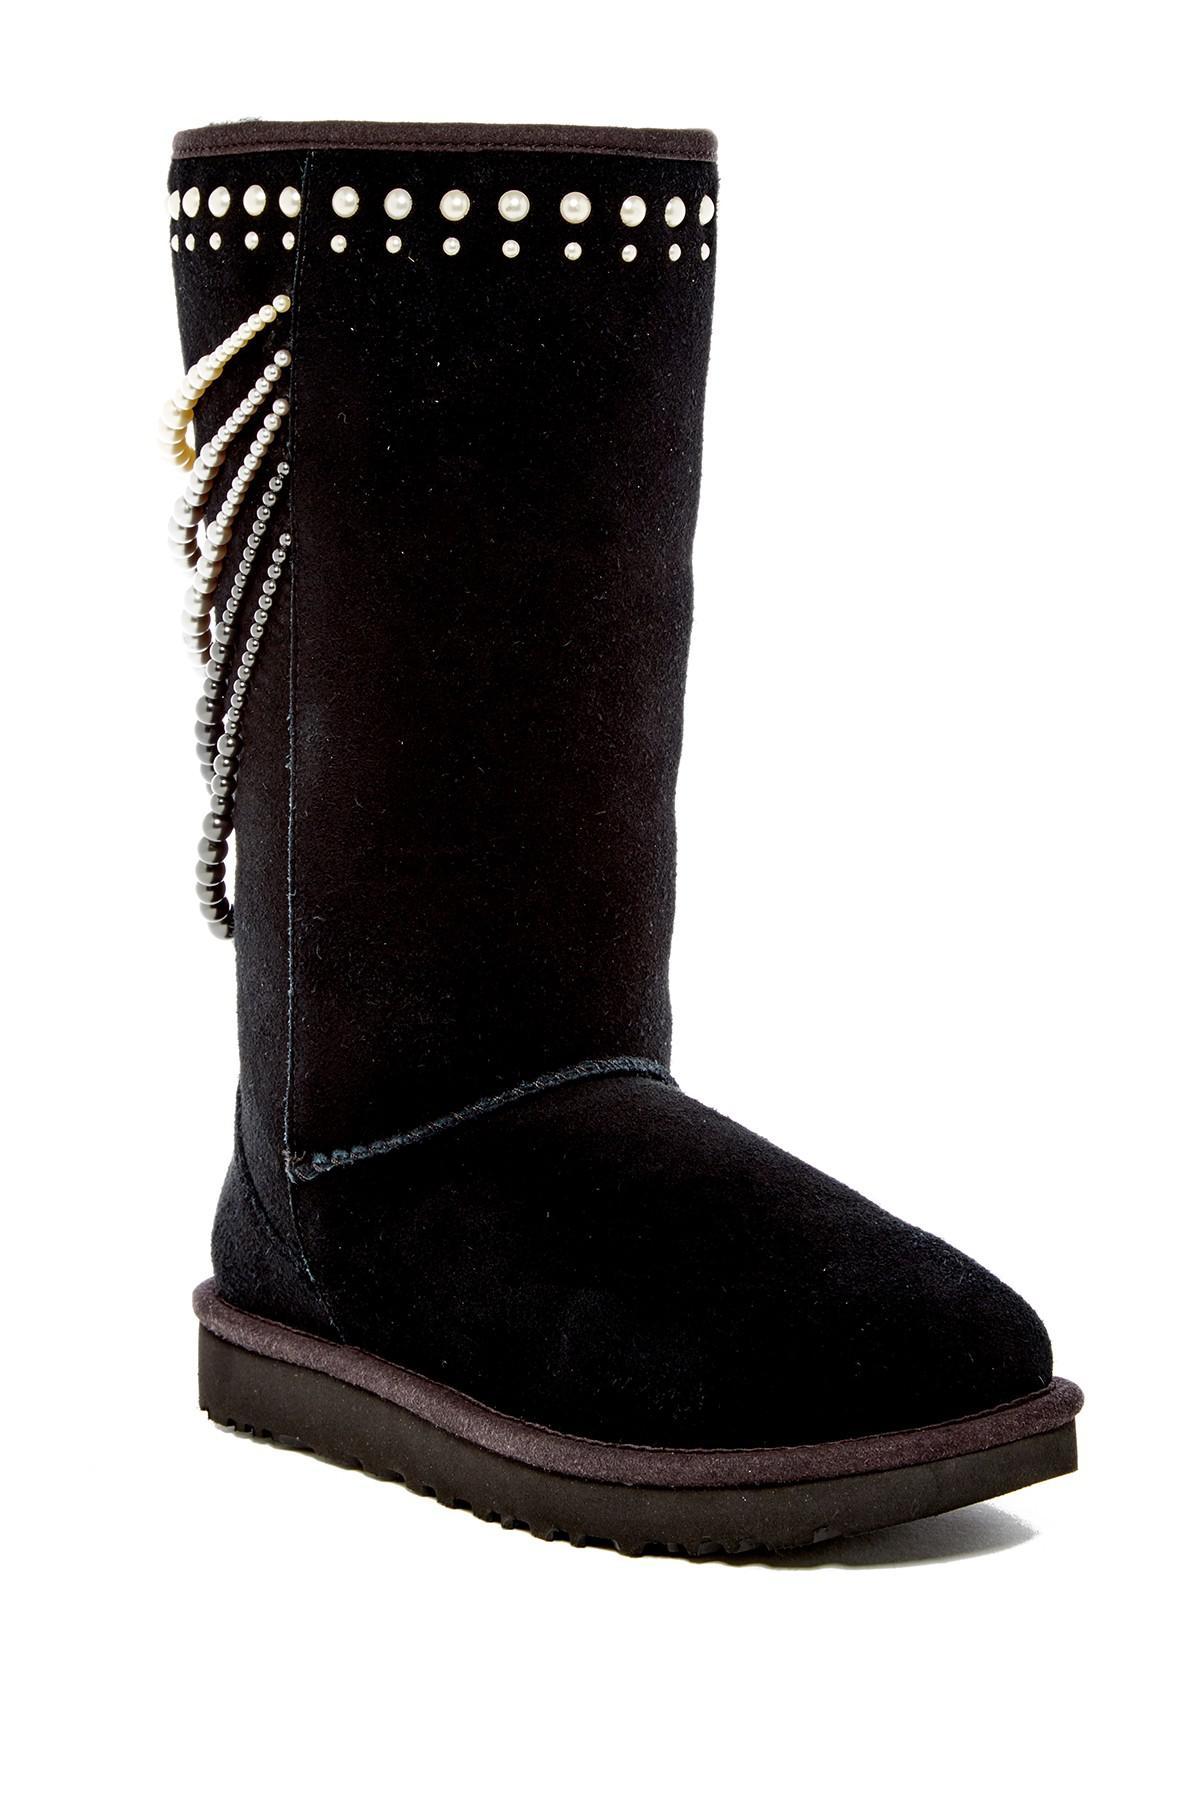 1d17da7e141 Ugg Black Calais Pearls Uggpure(tm) Boot